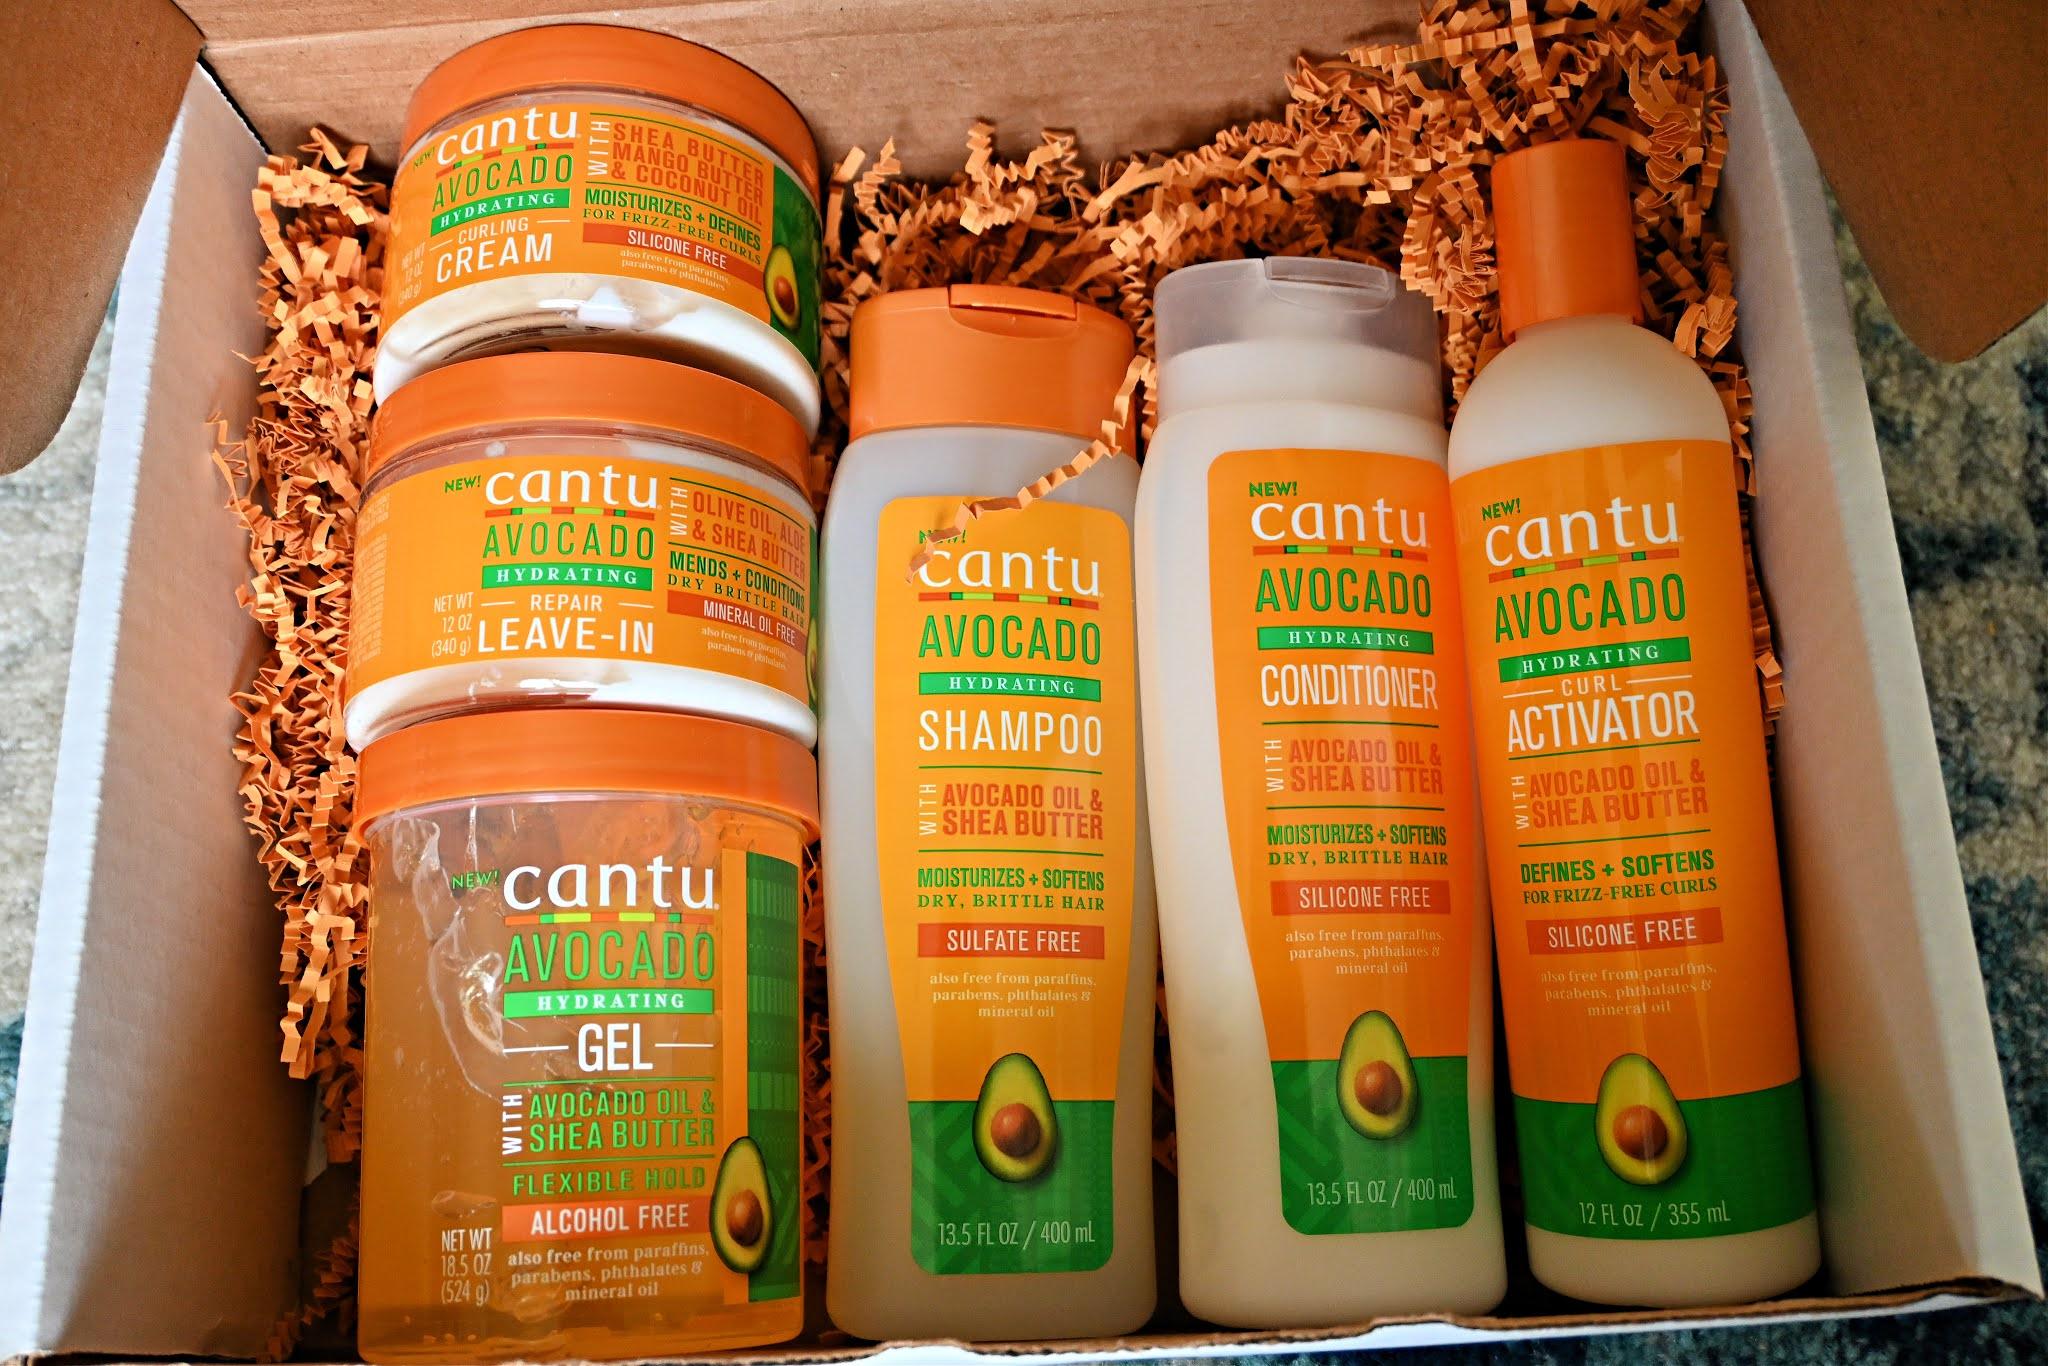 Cantu Beauty's Avocado Haircare Collection